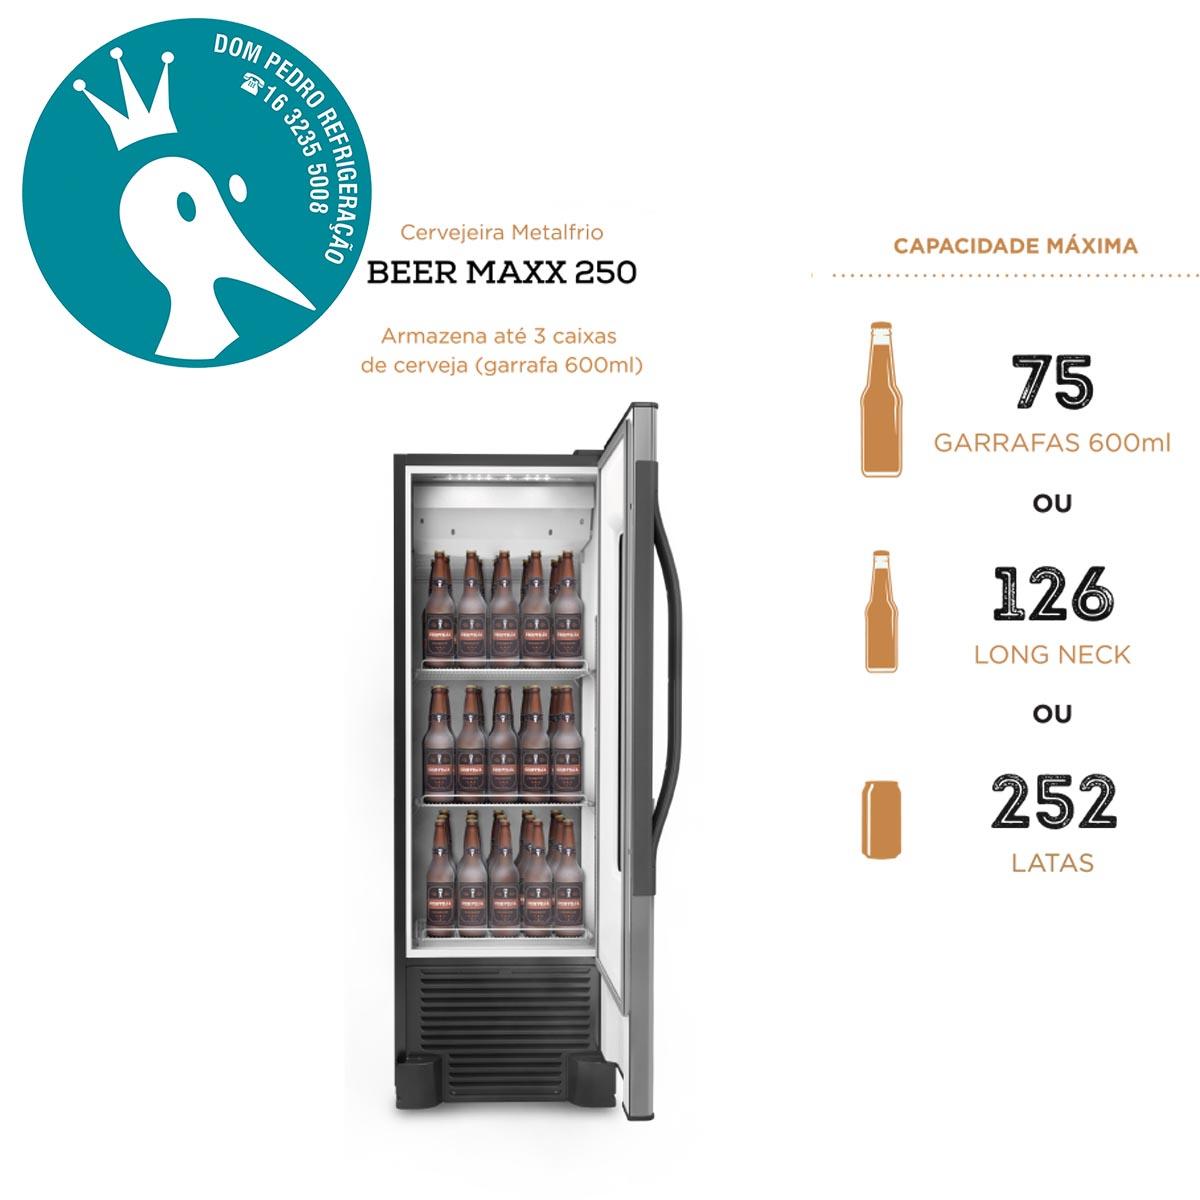 Cervejeira Vertical Aço Inox 1 Porta com Visor 262L Beer Maxx 250 - VN25TE - Metalfrio